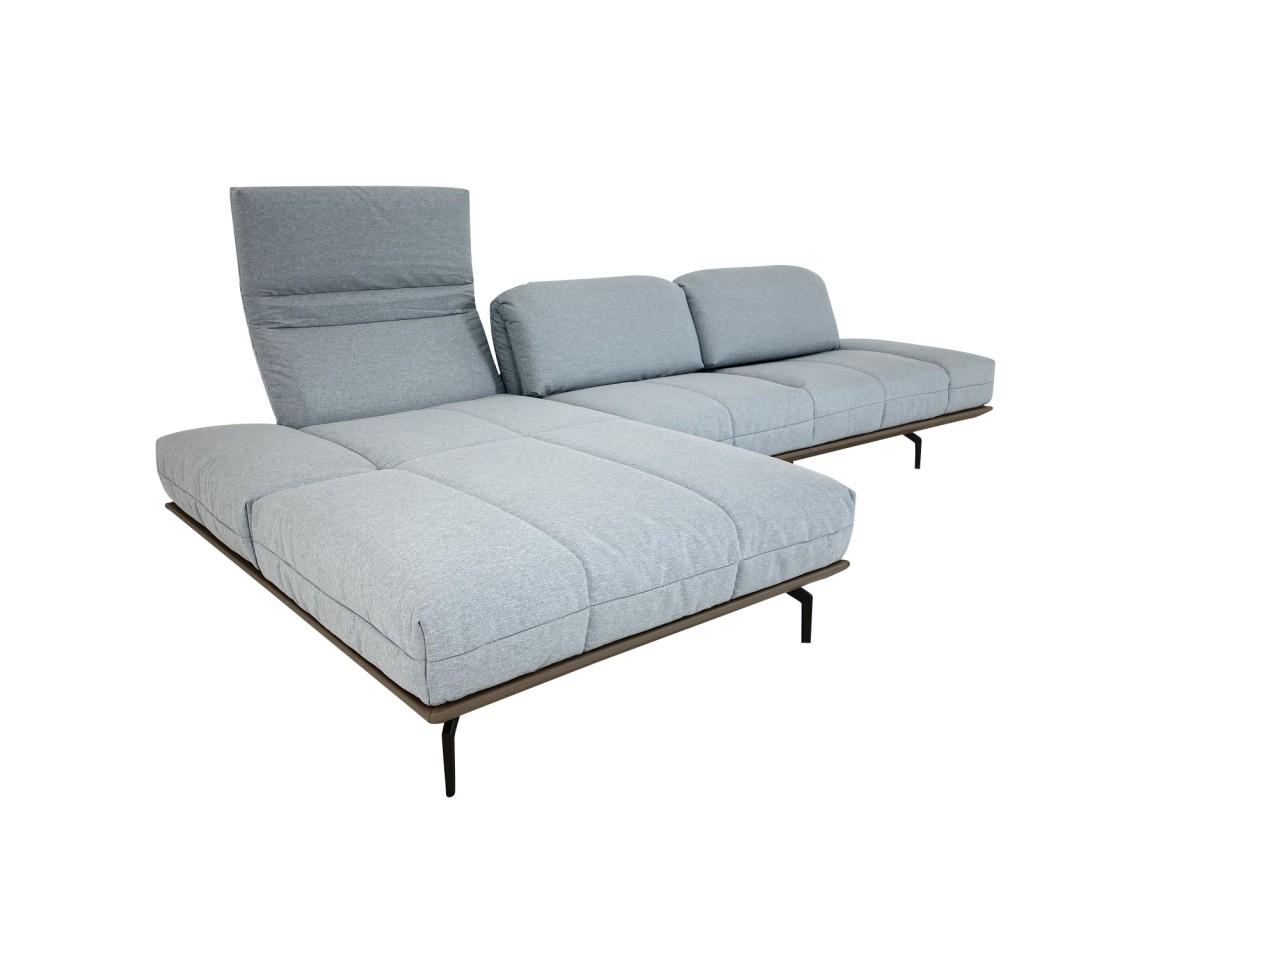 Hülsta Sofa hs.420 Sofa mit Recamiere links in Stoff pastellblau und Rahmen in Leder bezogen